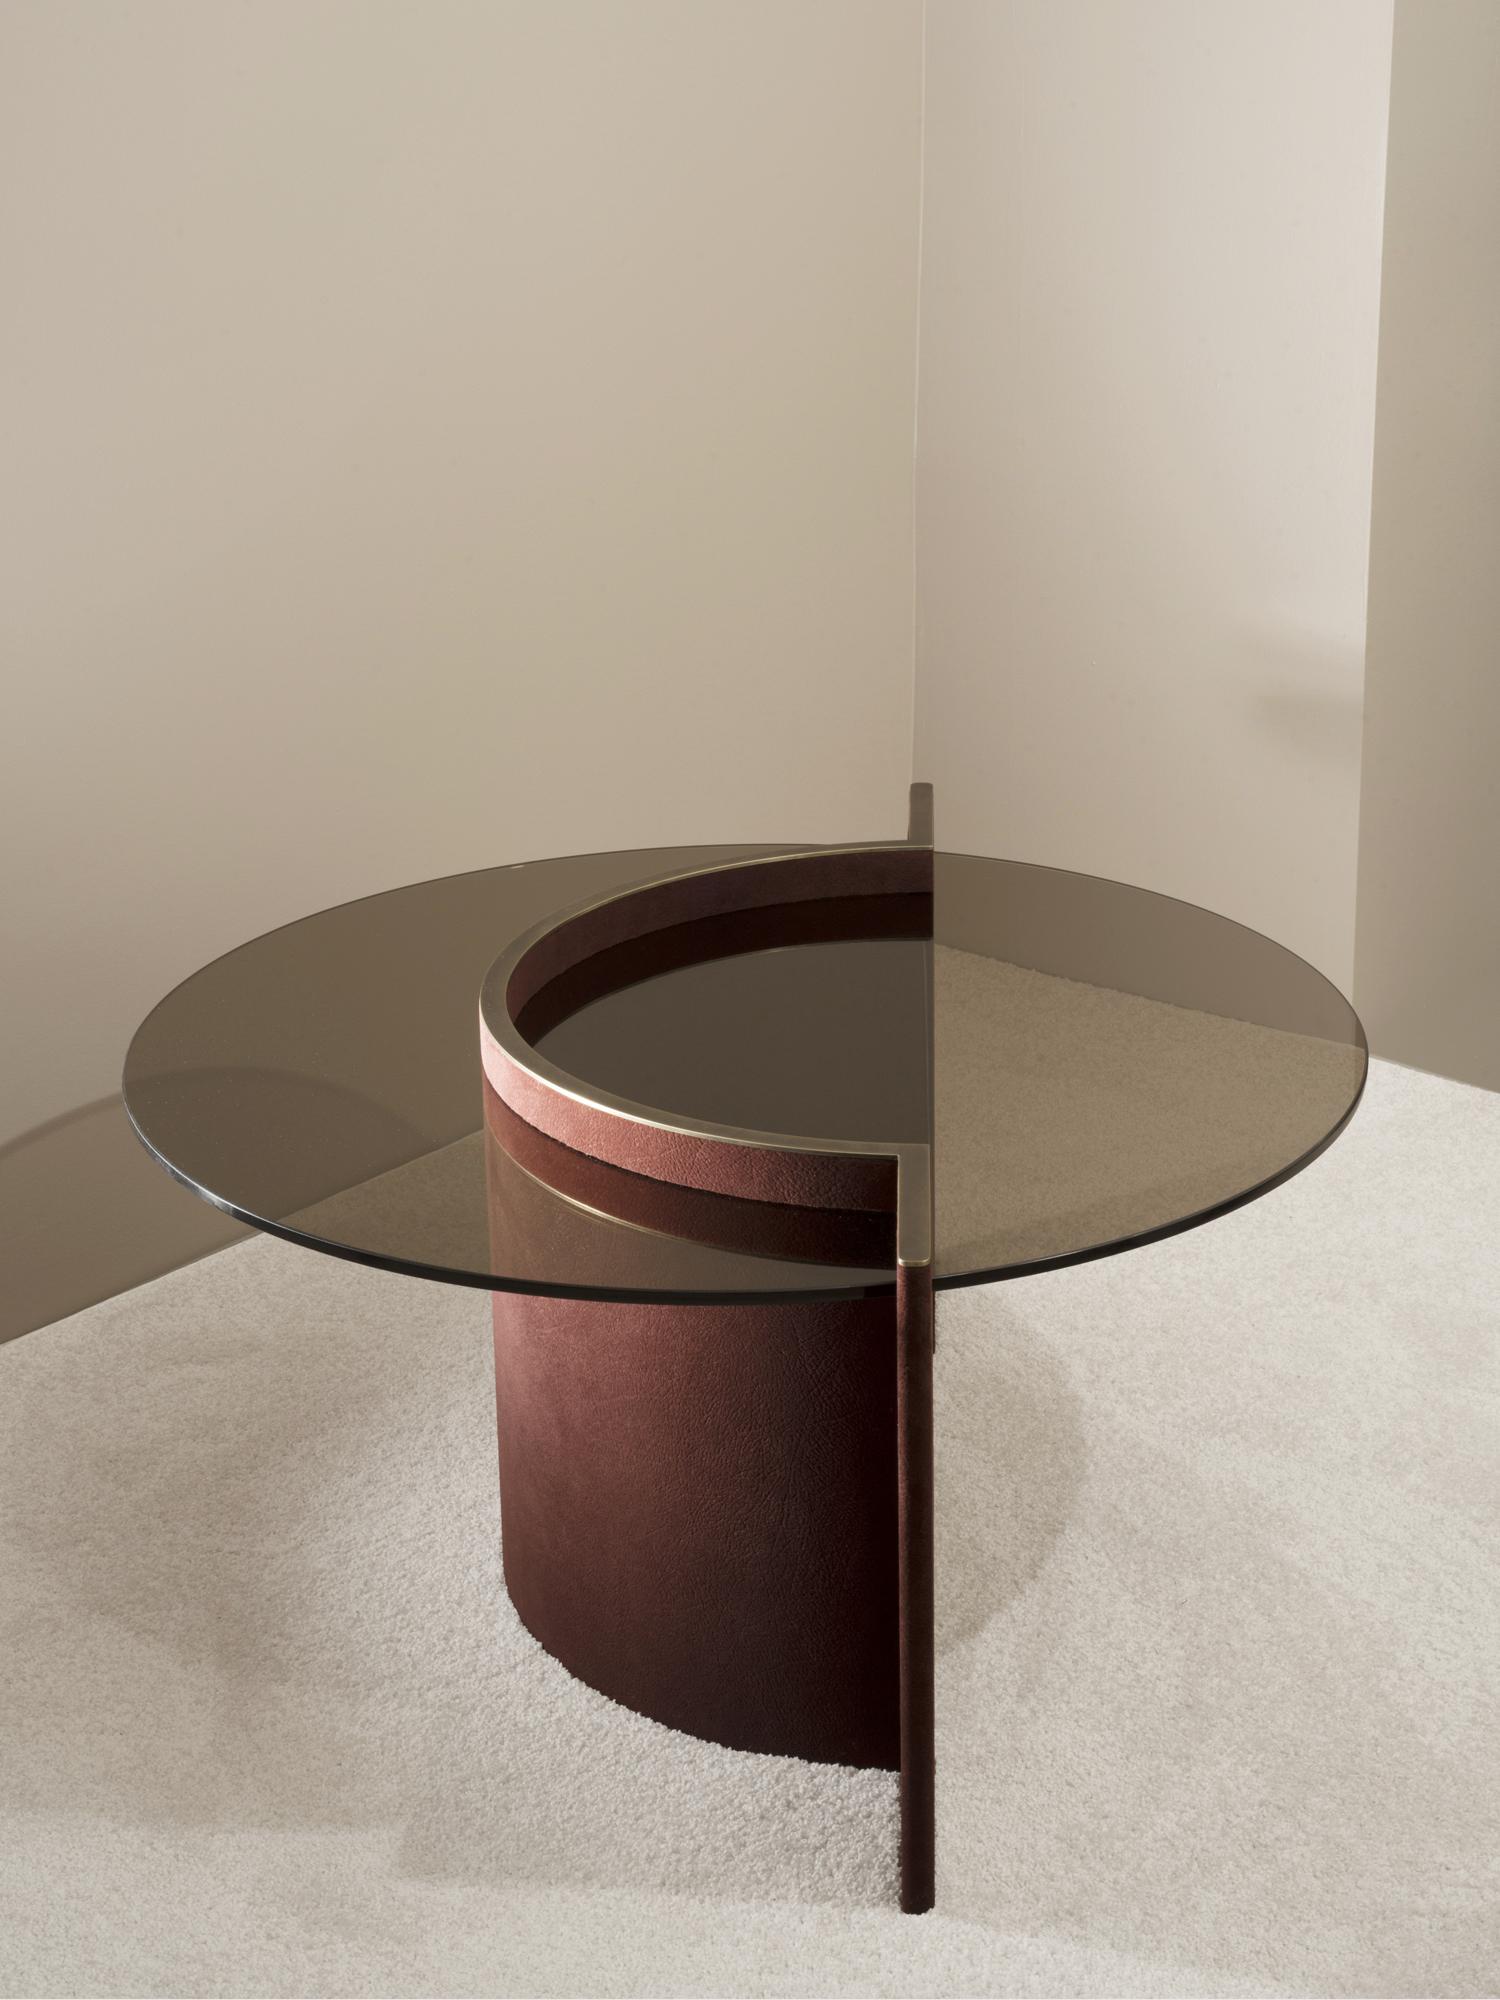 Robert Sukrachand | Table